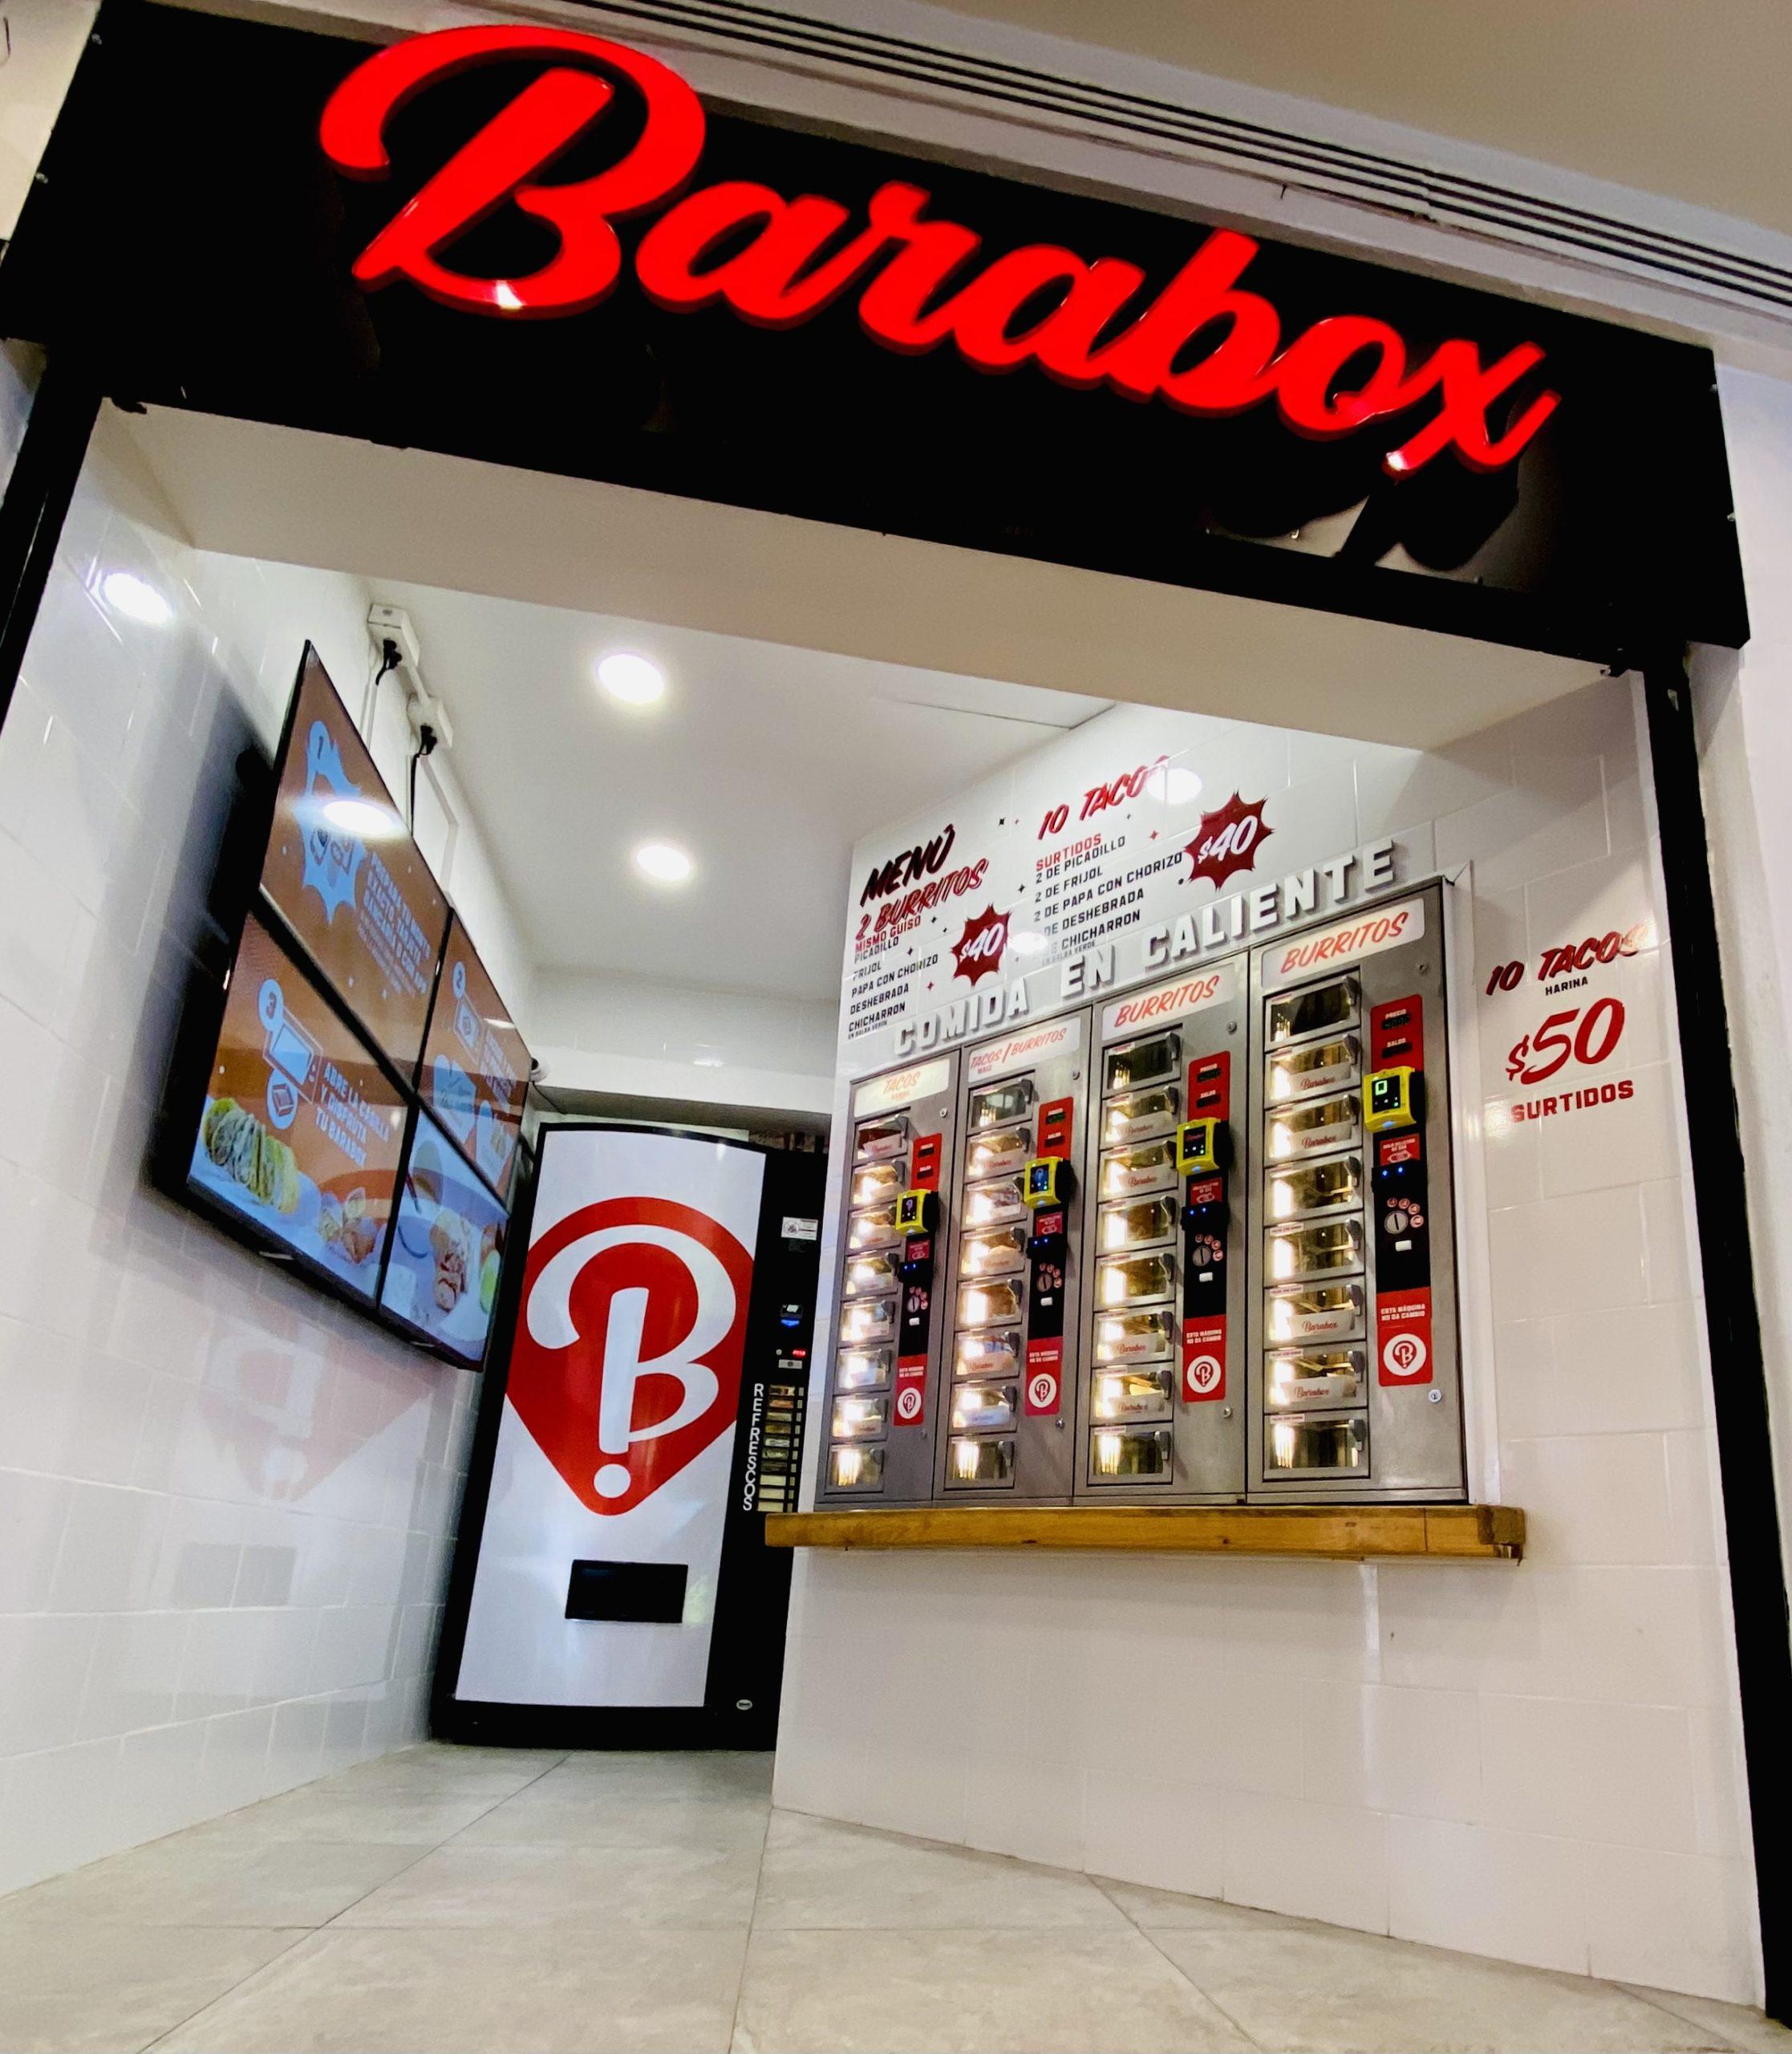 Barabox